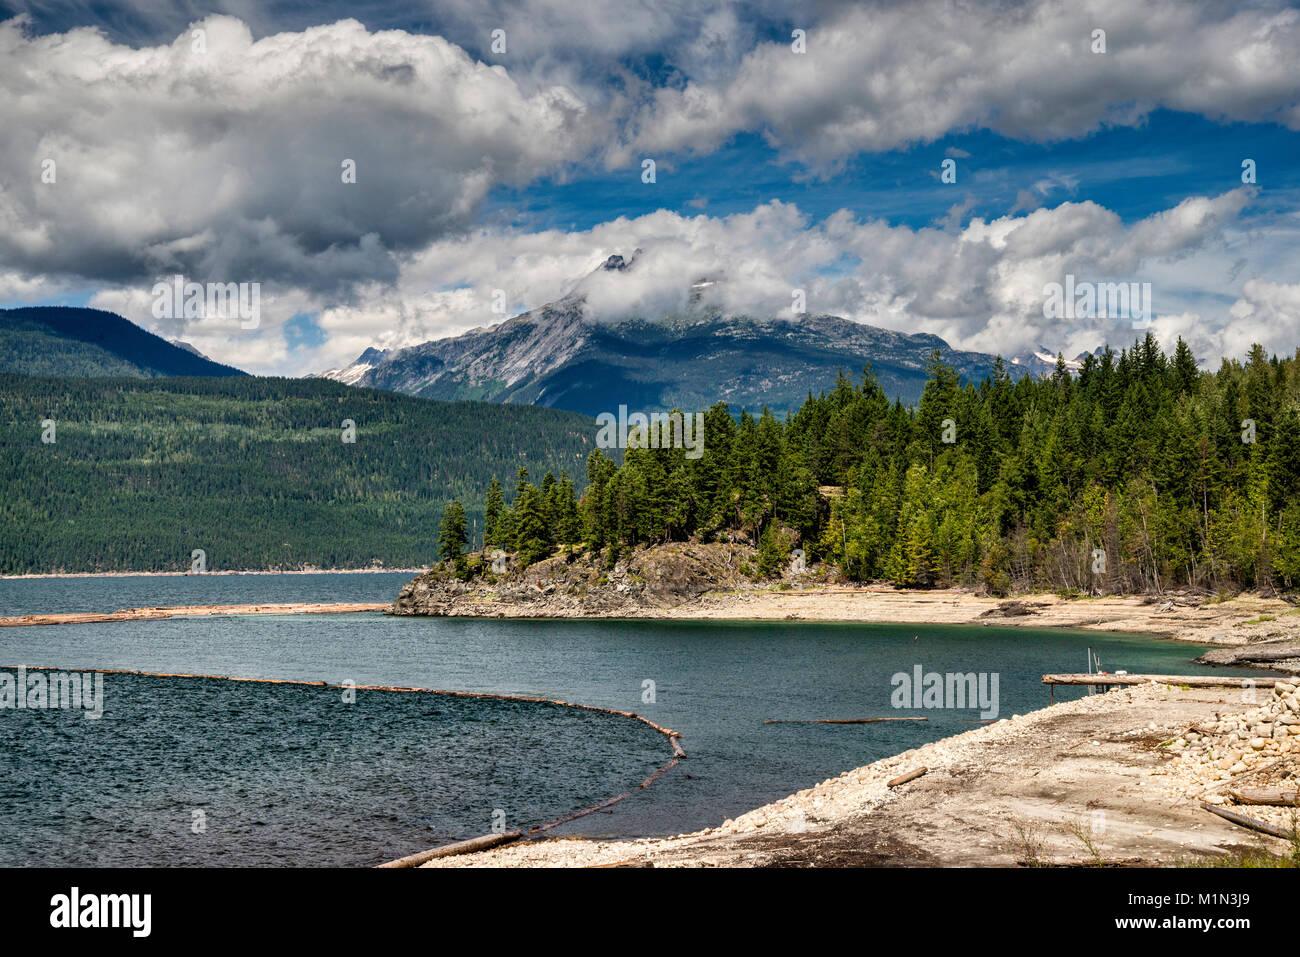 Montaje en las montañas Monashee Burnham sobre la flecha superior Lago, Río Columbia, cerca de Nakusp, West Kootenay, British Columbia, Canadá Foto de stock